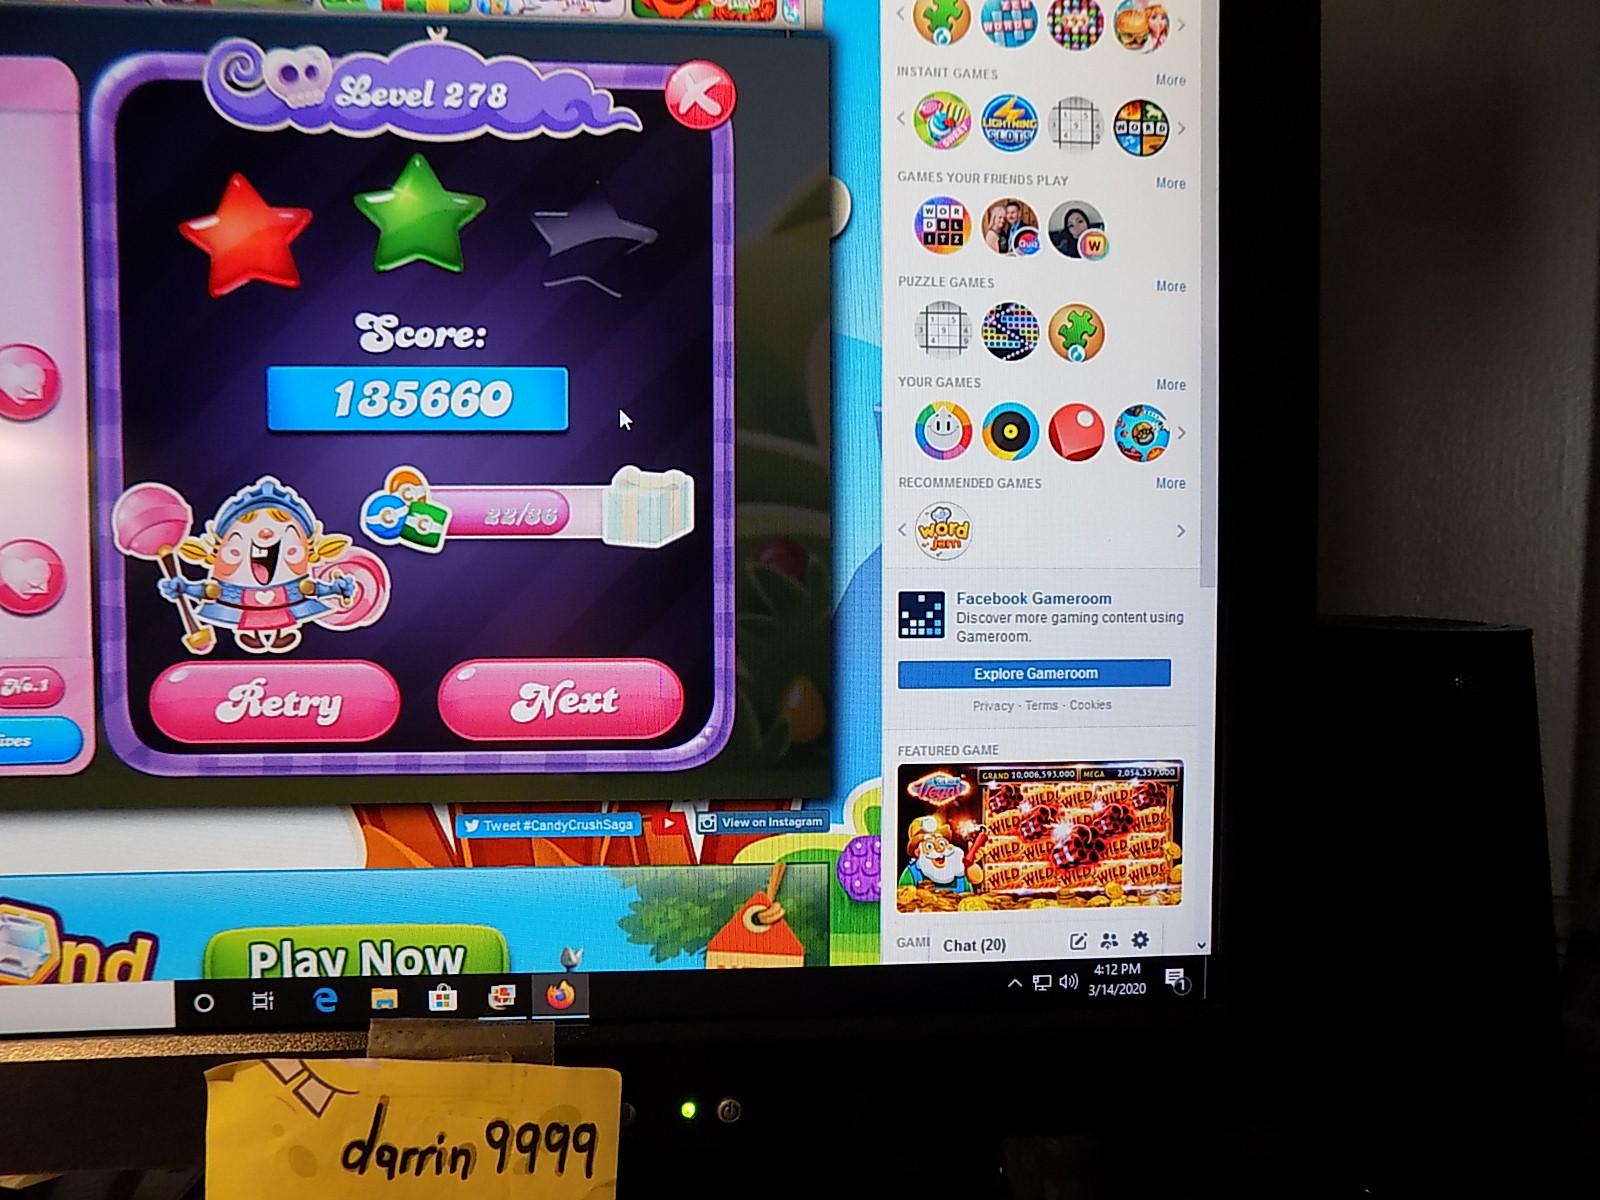 darrin9999: Candy Crush Saga: Level 278 (Web) 135,660 points on 2020-04-20 06:35:17